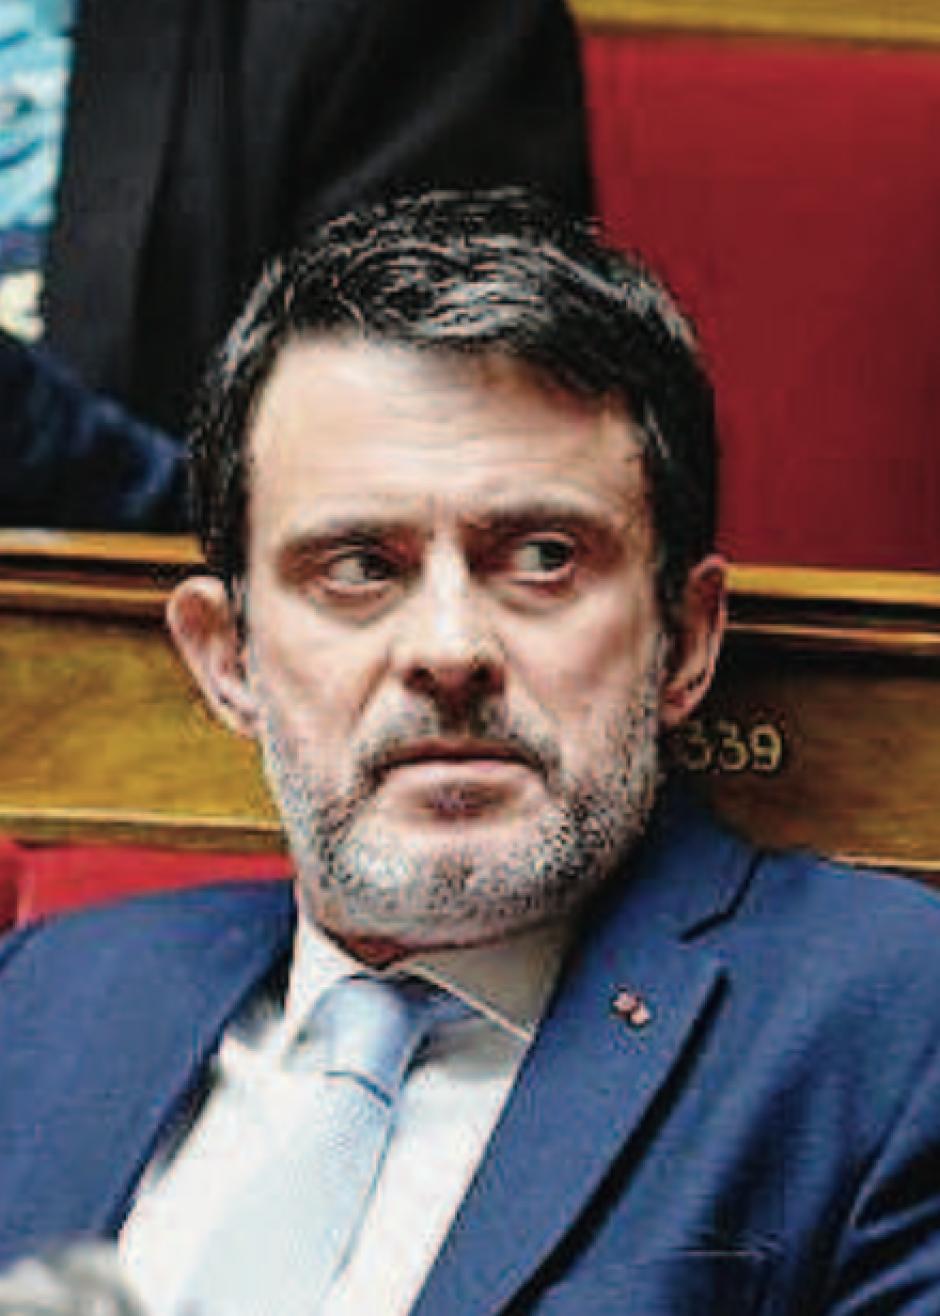 Manuel Valls. Le député dépité qui se cherche une niche